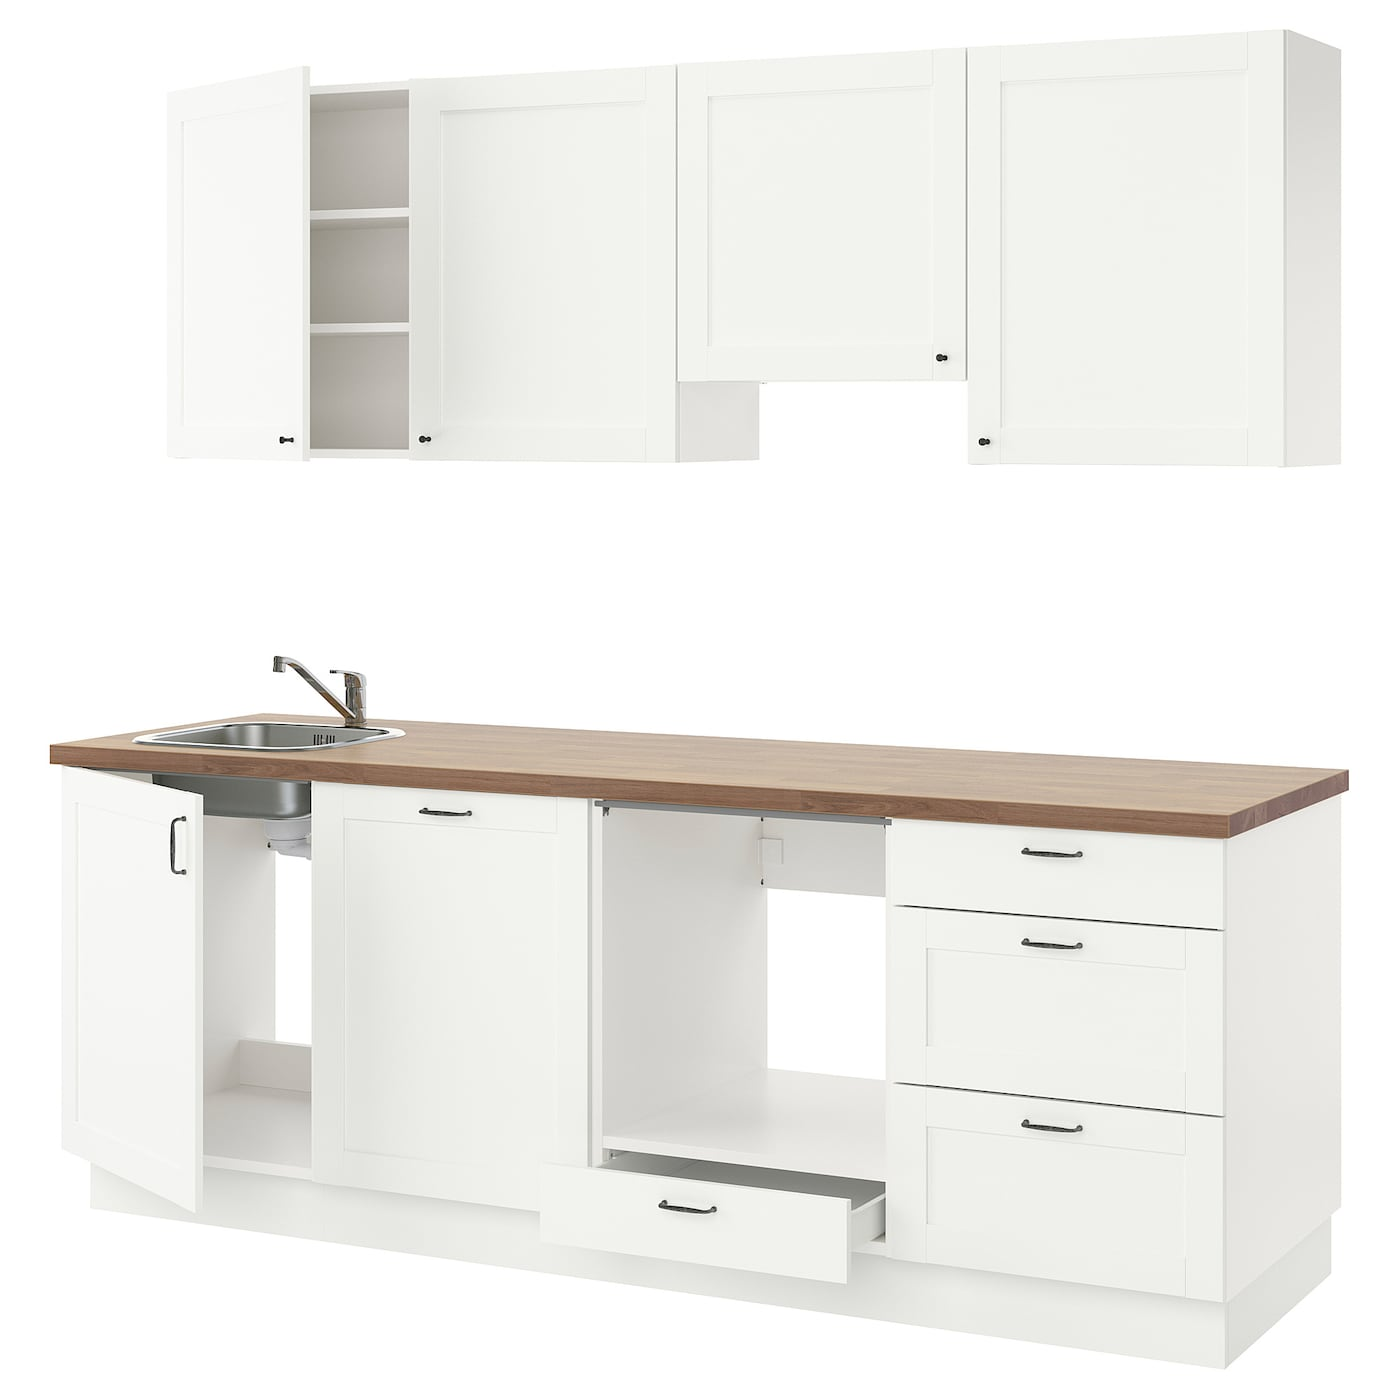 ENHET Küche - weiß Rahmen - IKEA Deutschland